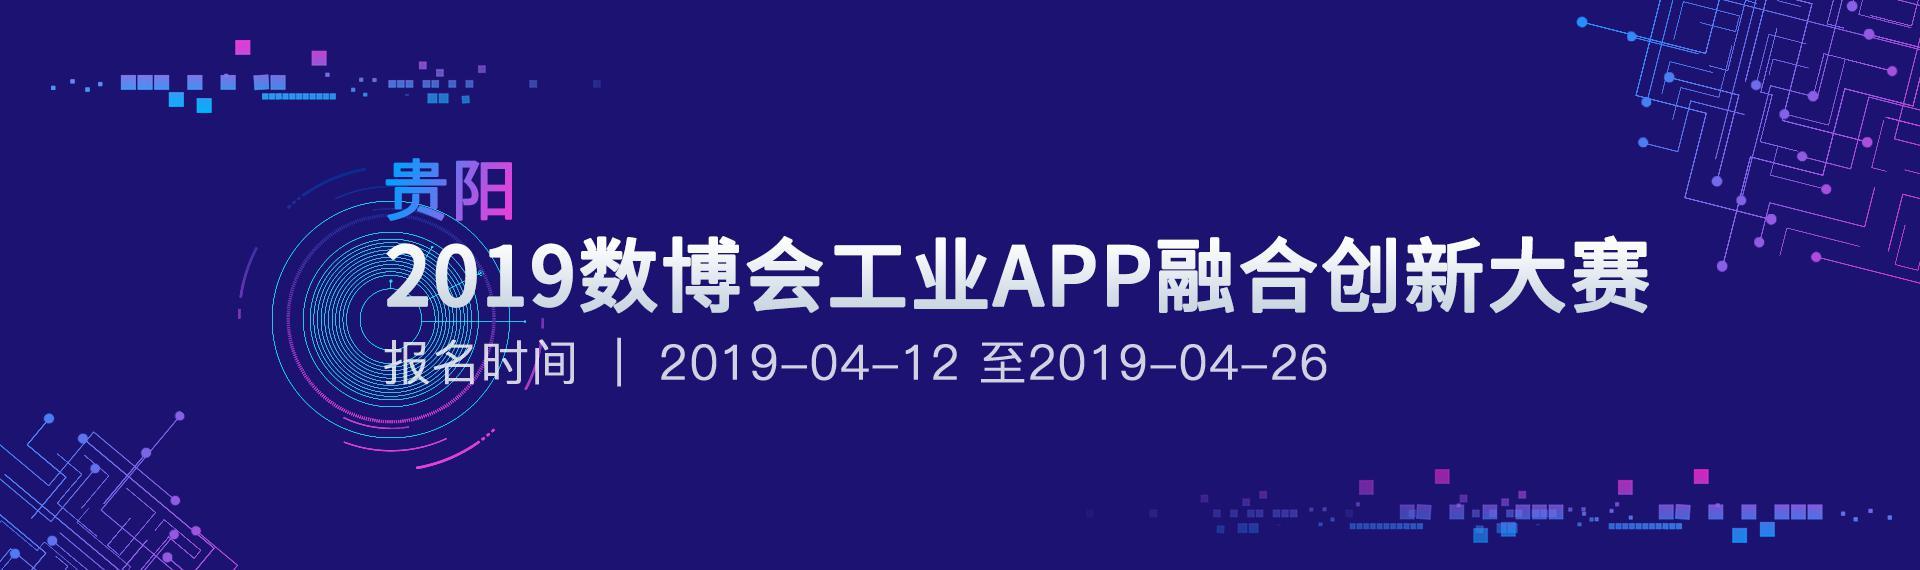 2019数博会工业APP融合创新大赛